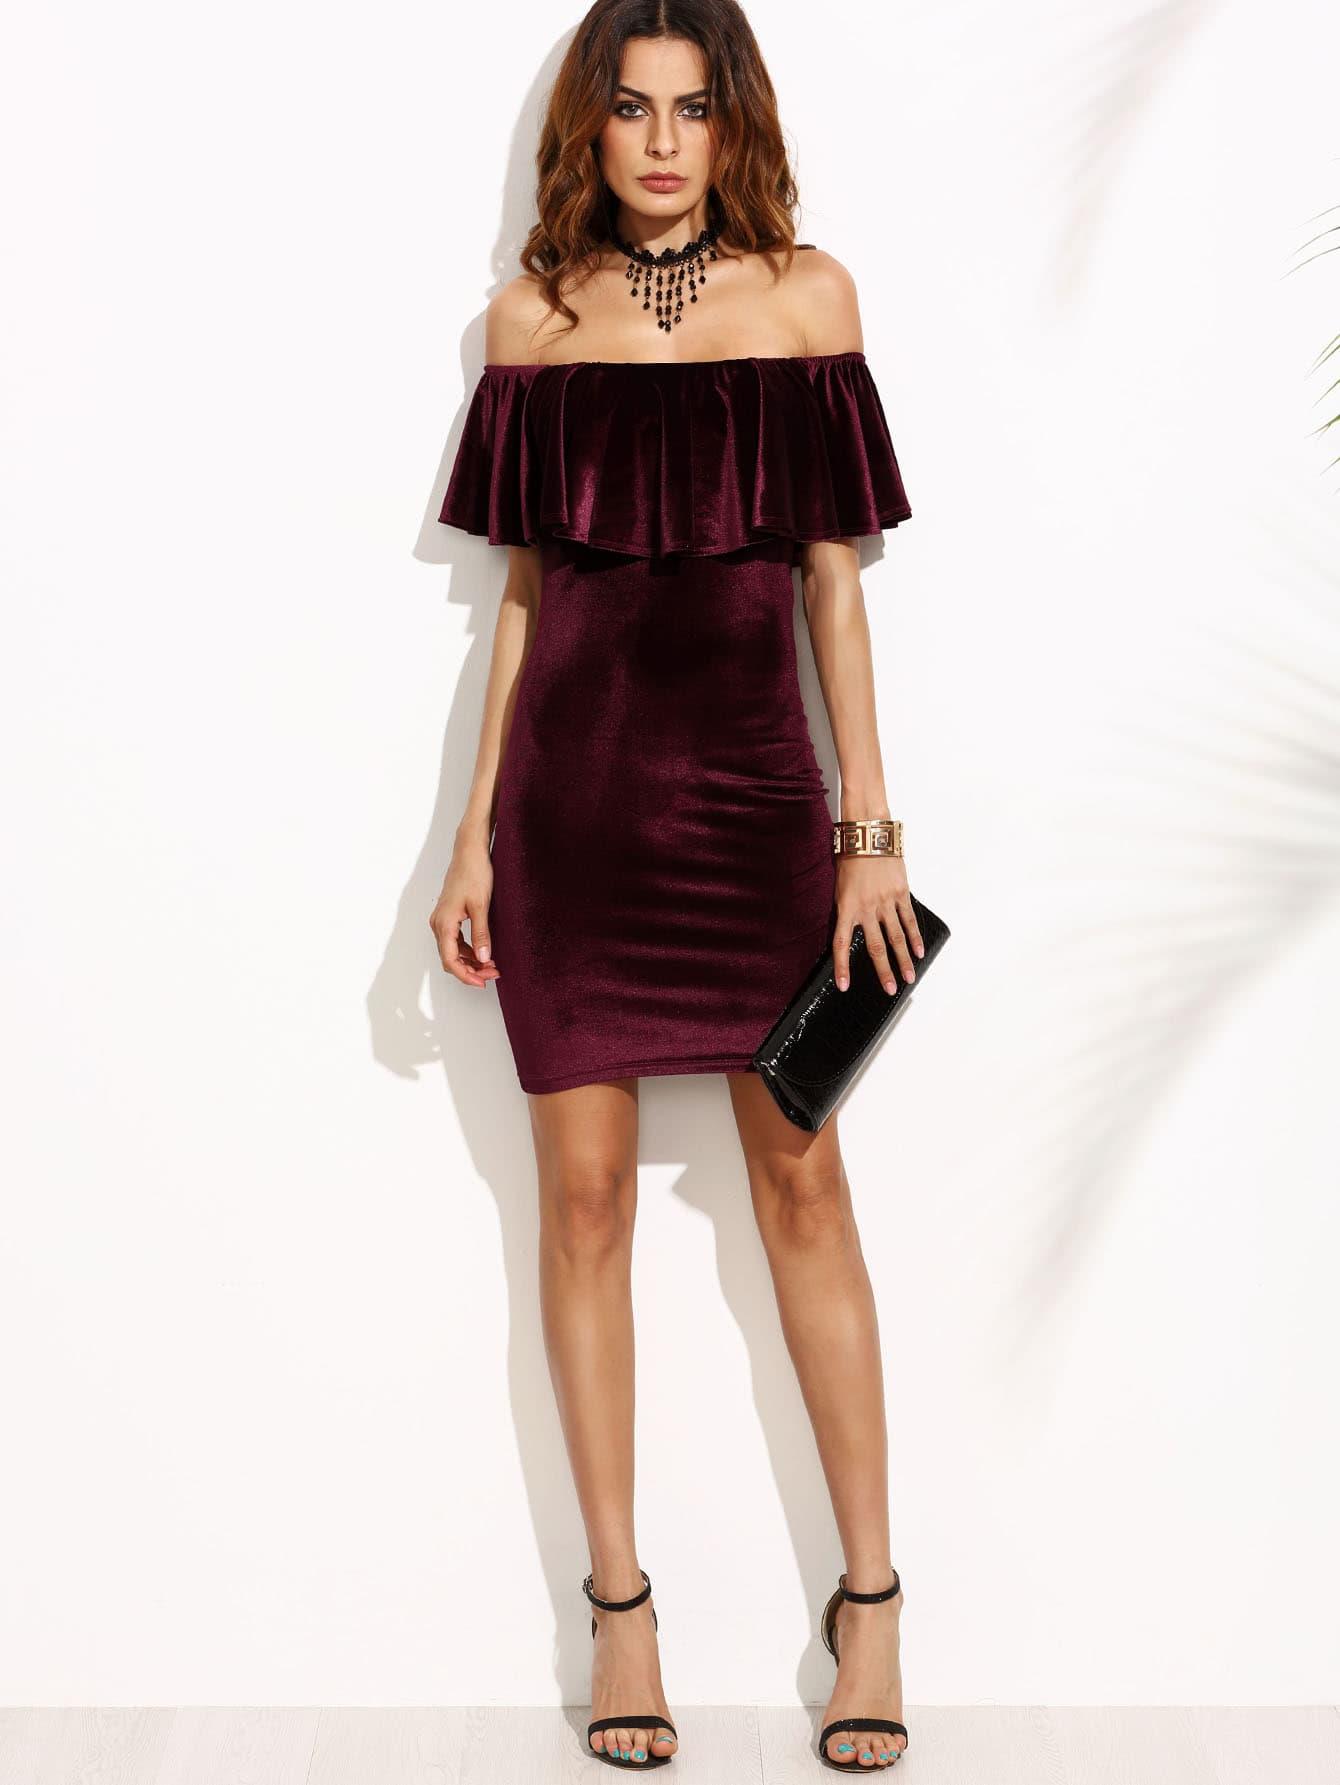 dress160825702_2